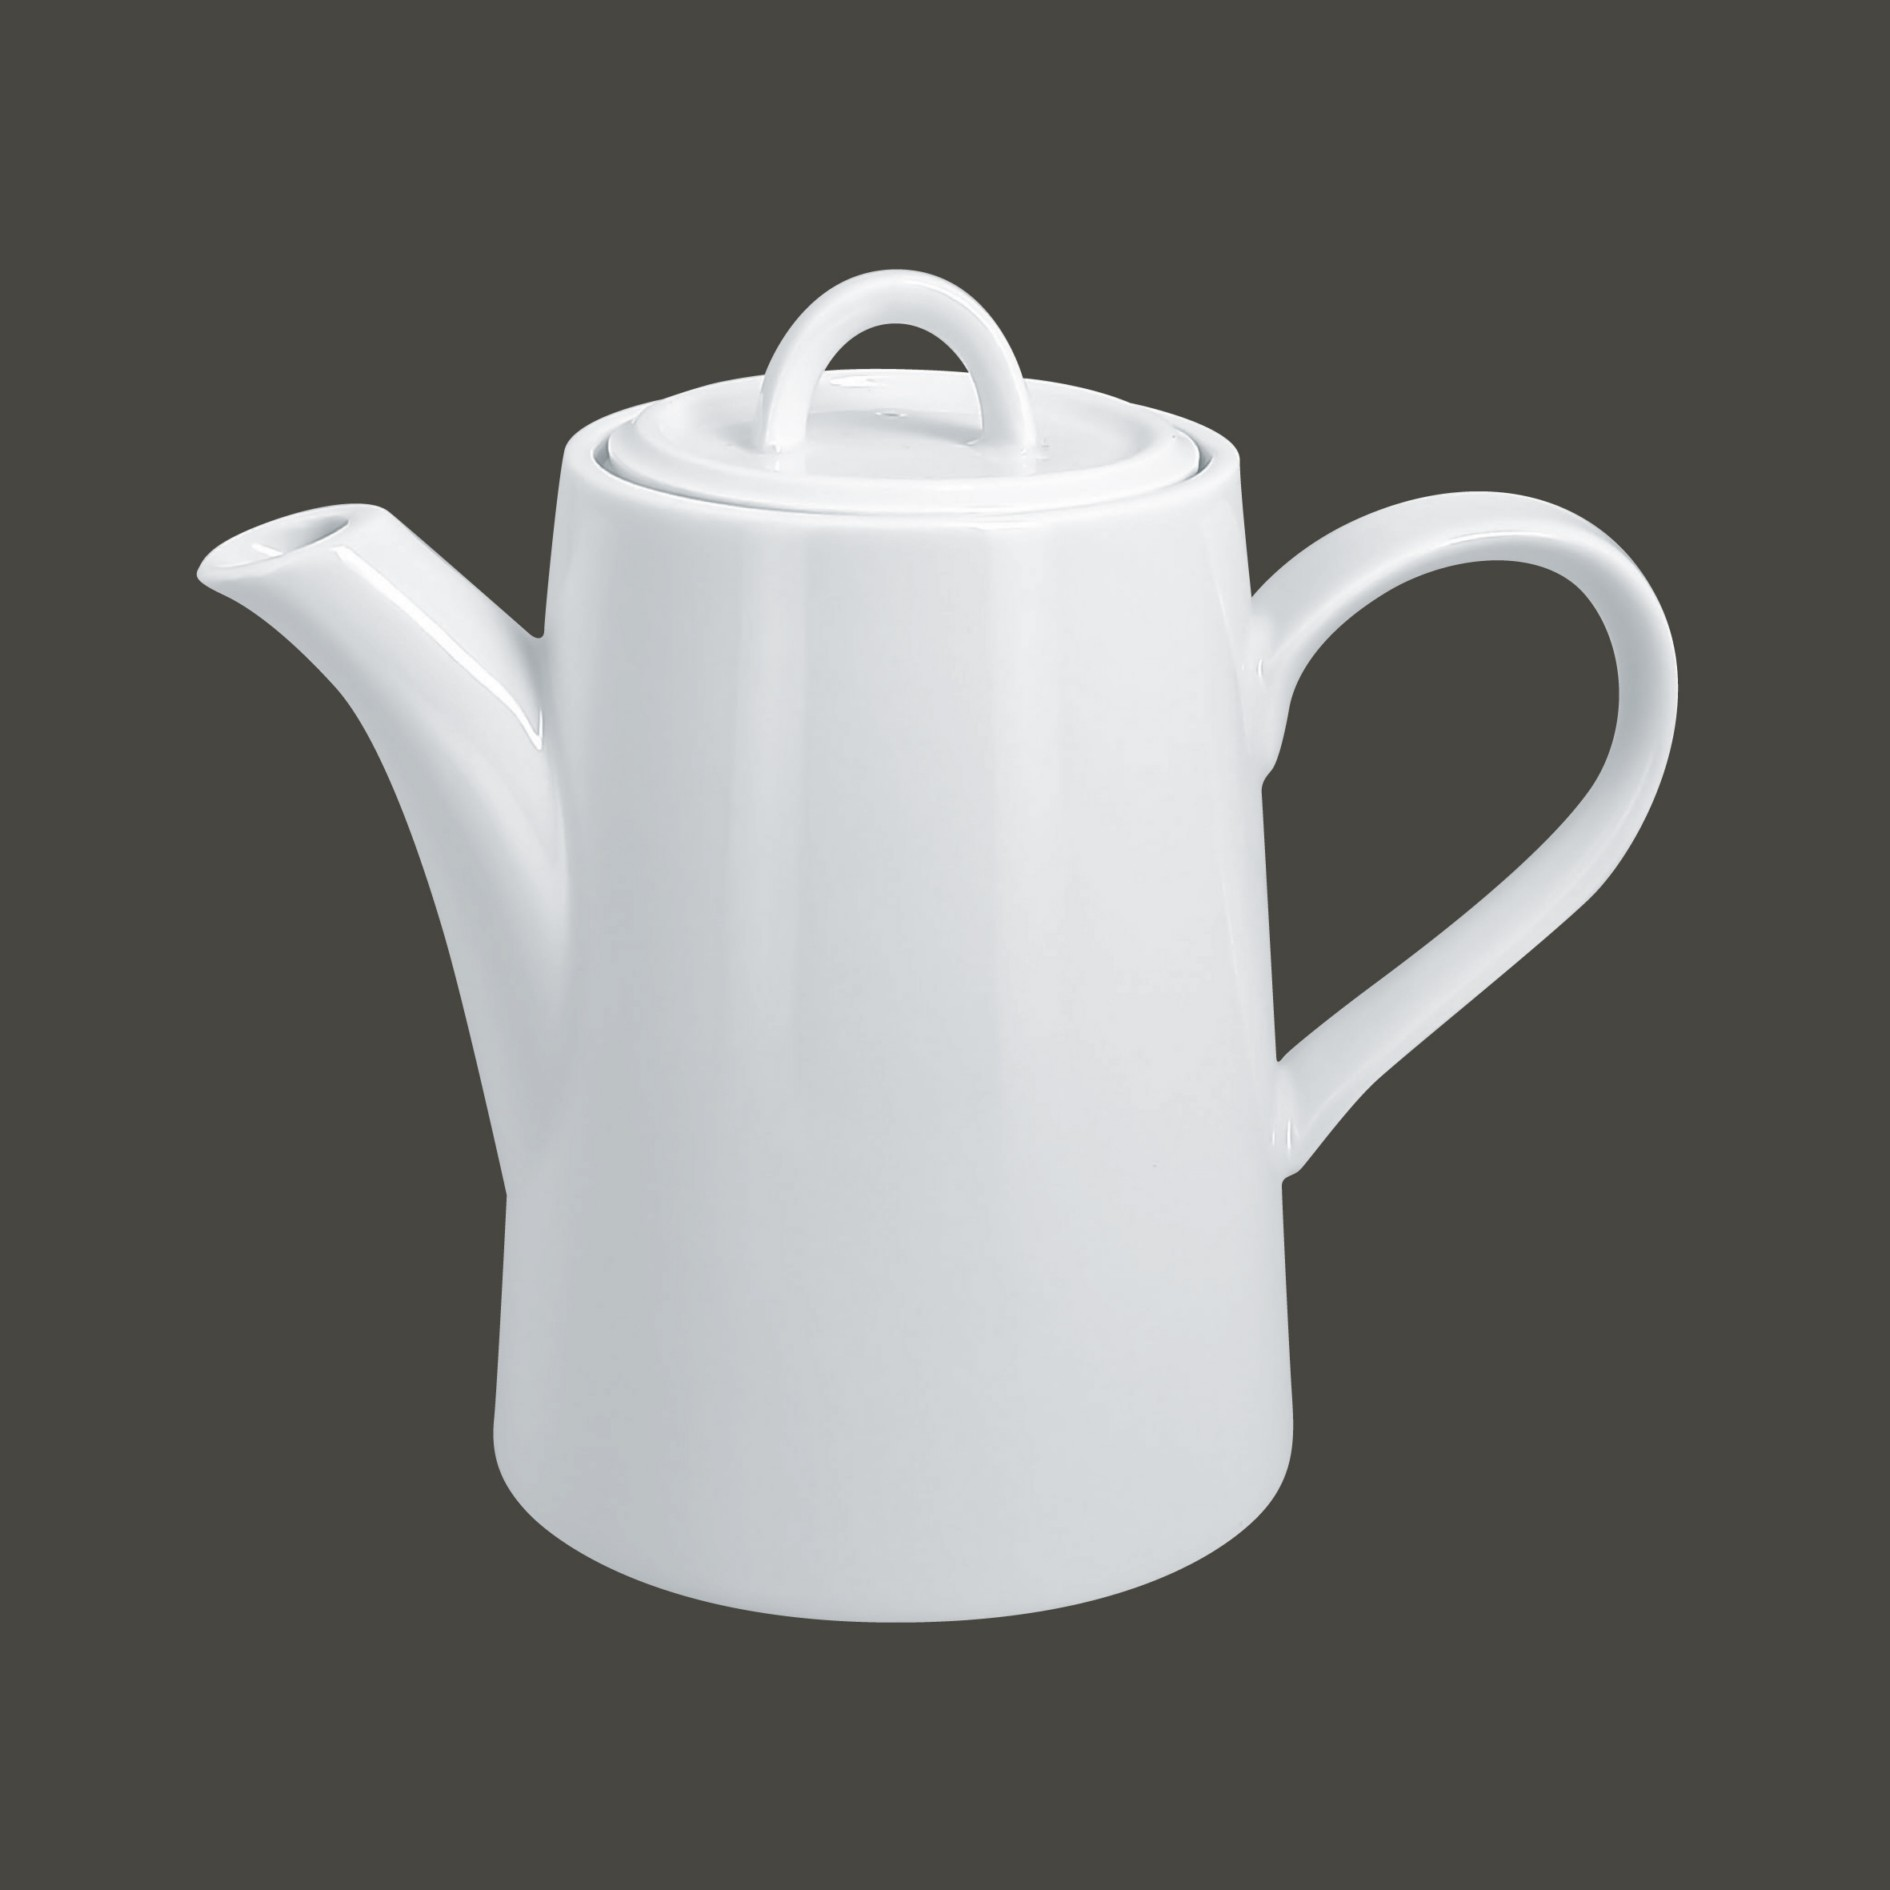 Access konvička na kávu 70 cl